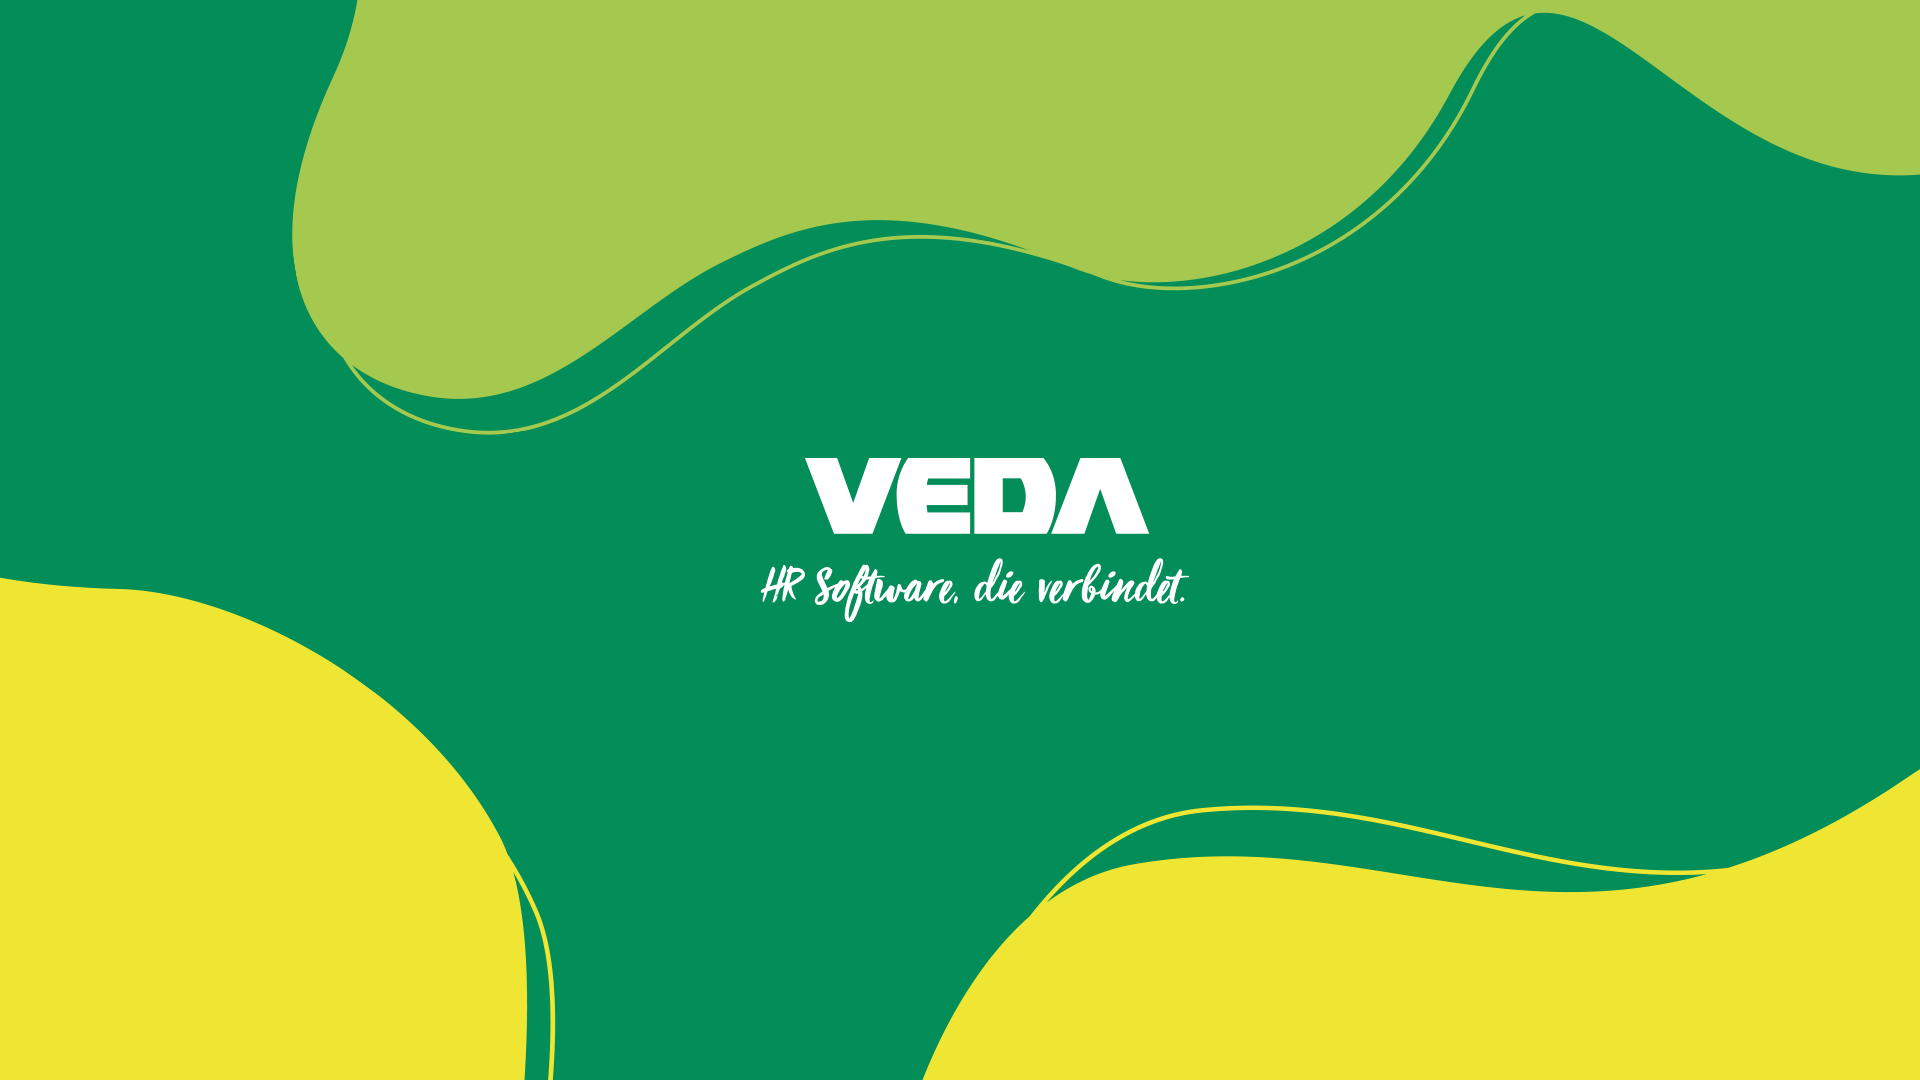 """Logo des VEDA Employer Brandings mit dem Claim """"HR Software, die verbindet""""."""